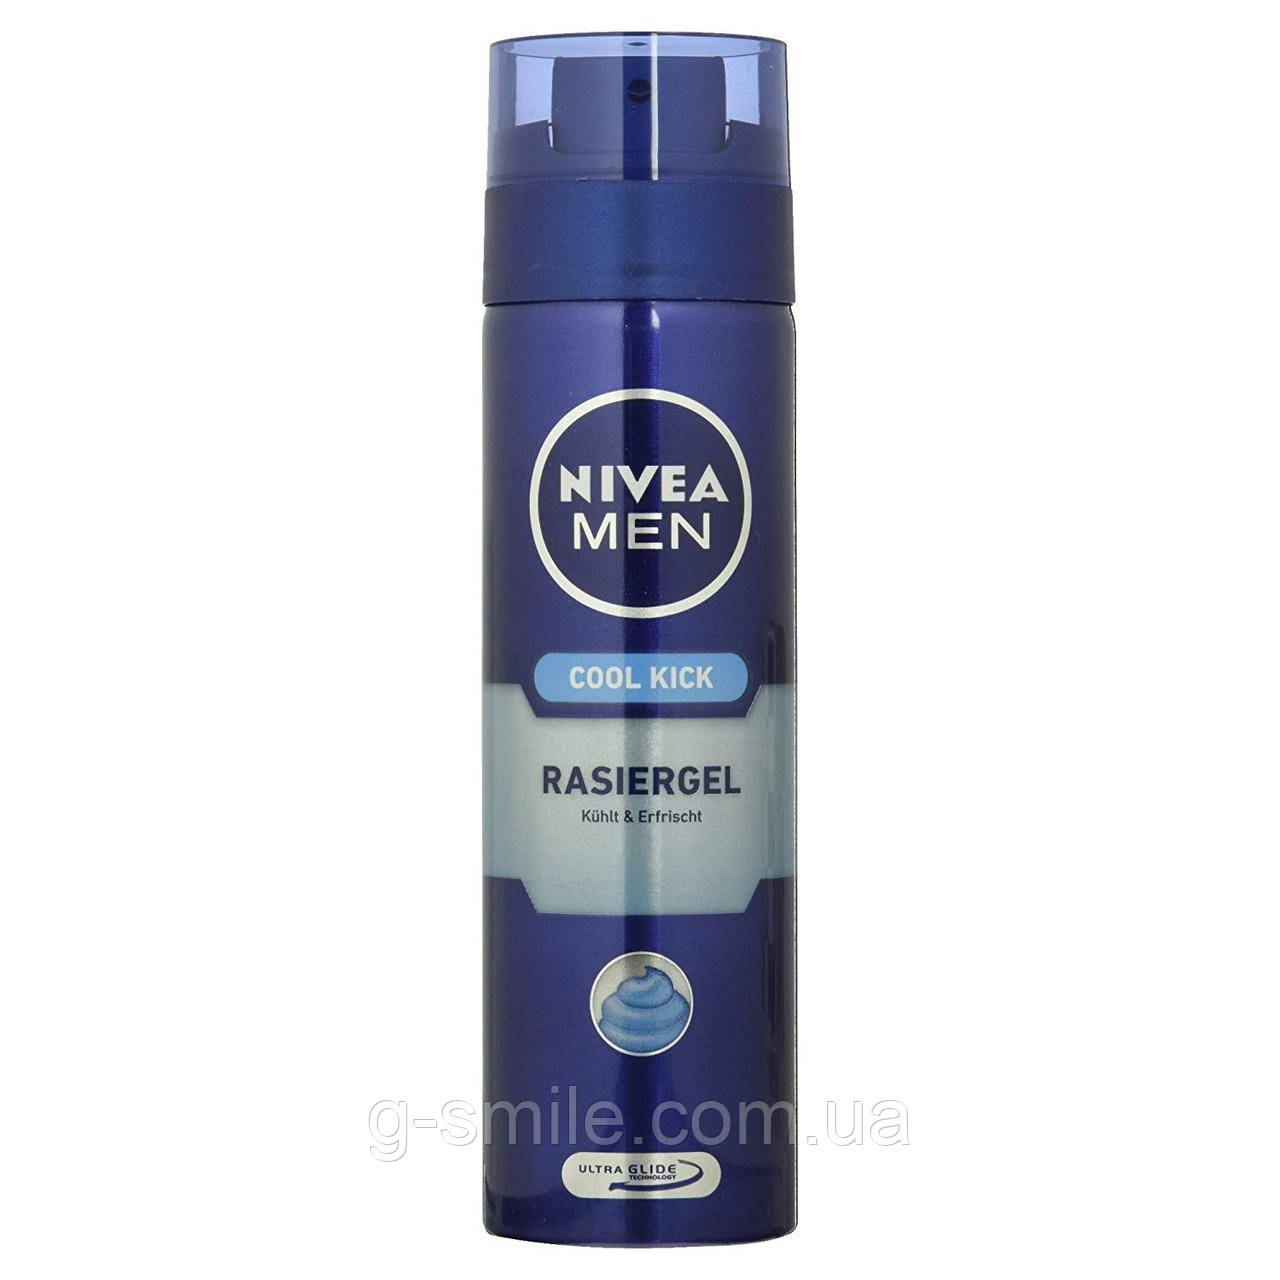 Гель для бритья NIVEA Men, Rasiergel für Männer Spender, Cool Ki, 200 ml,